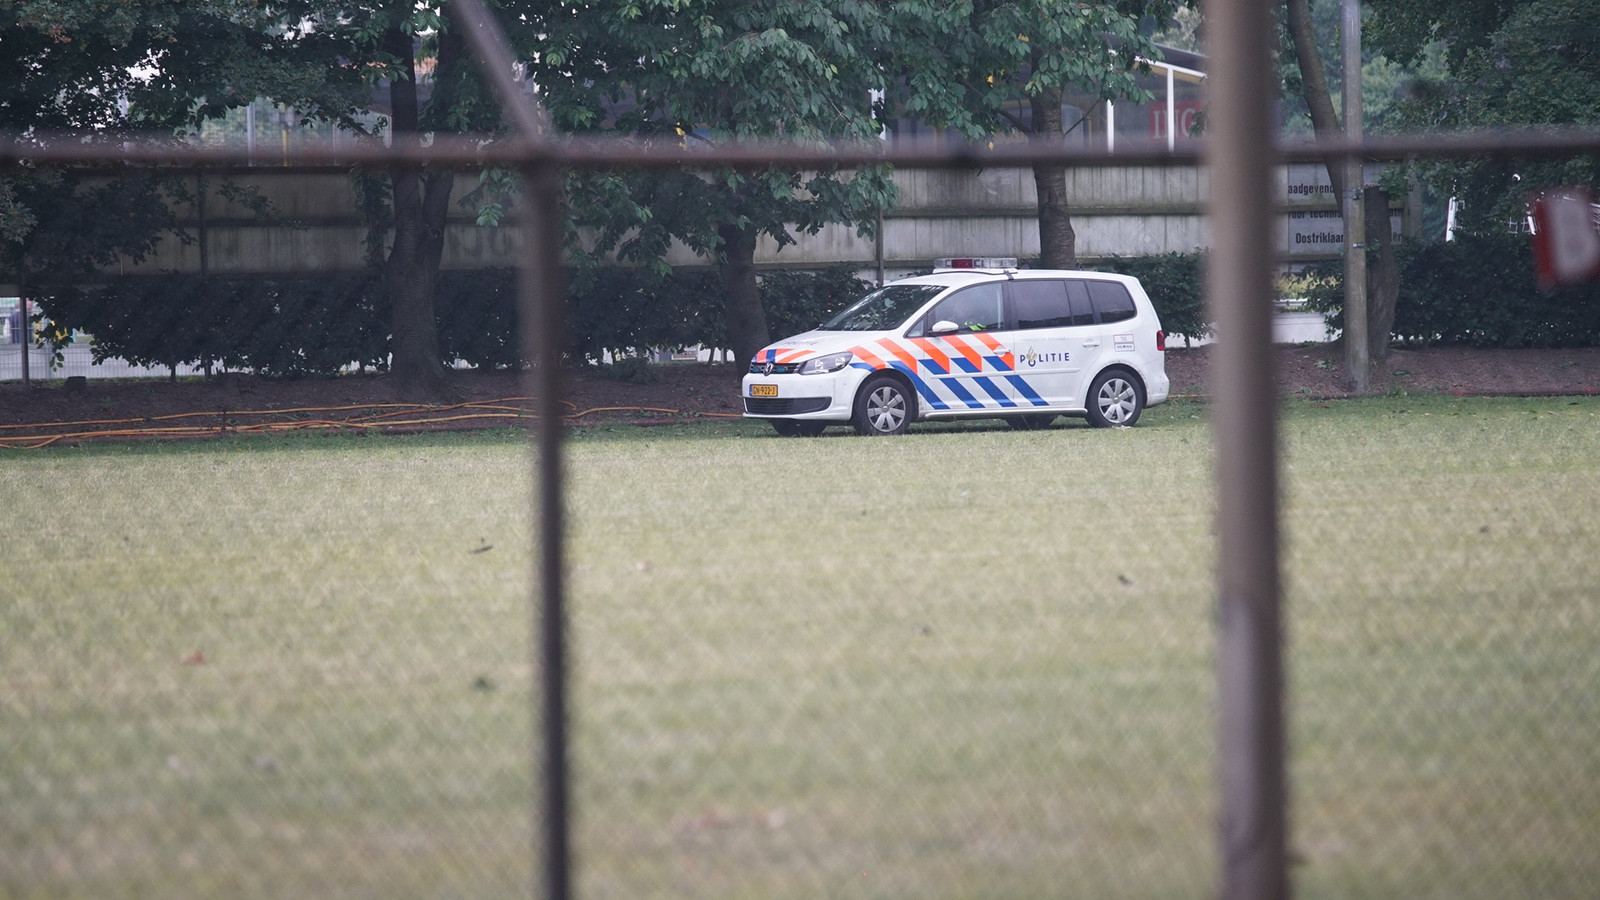 Een van de politiewagens op het terrein bij de reanimatie.